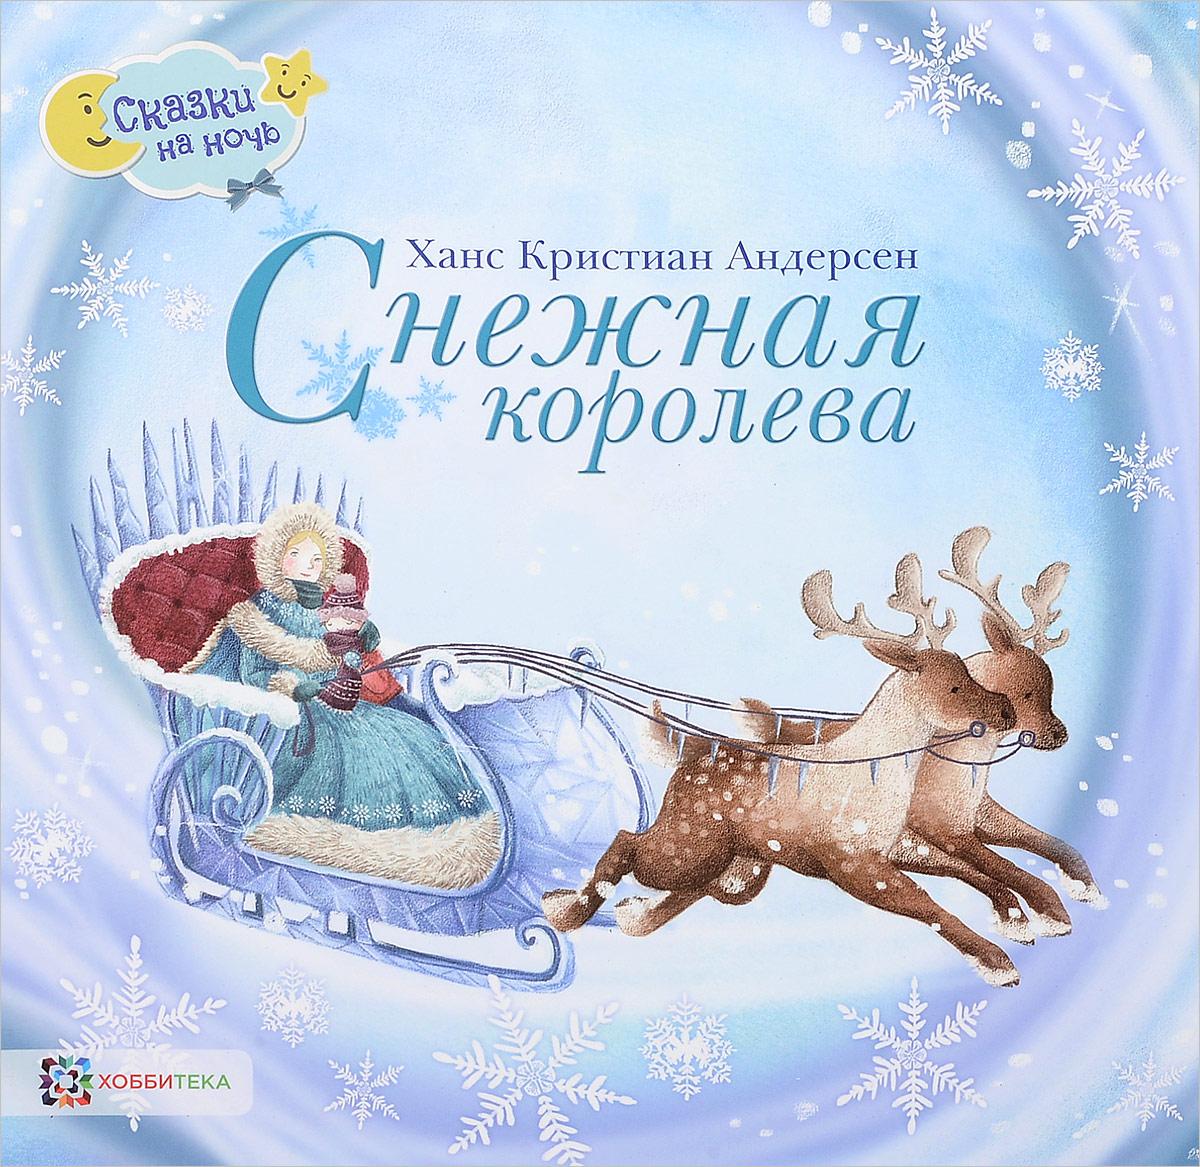 Ханс Кристиан Андерсен Снежная королева андерсен ханс кристиан снежная королева сказки